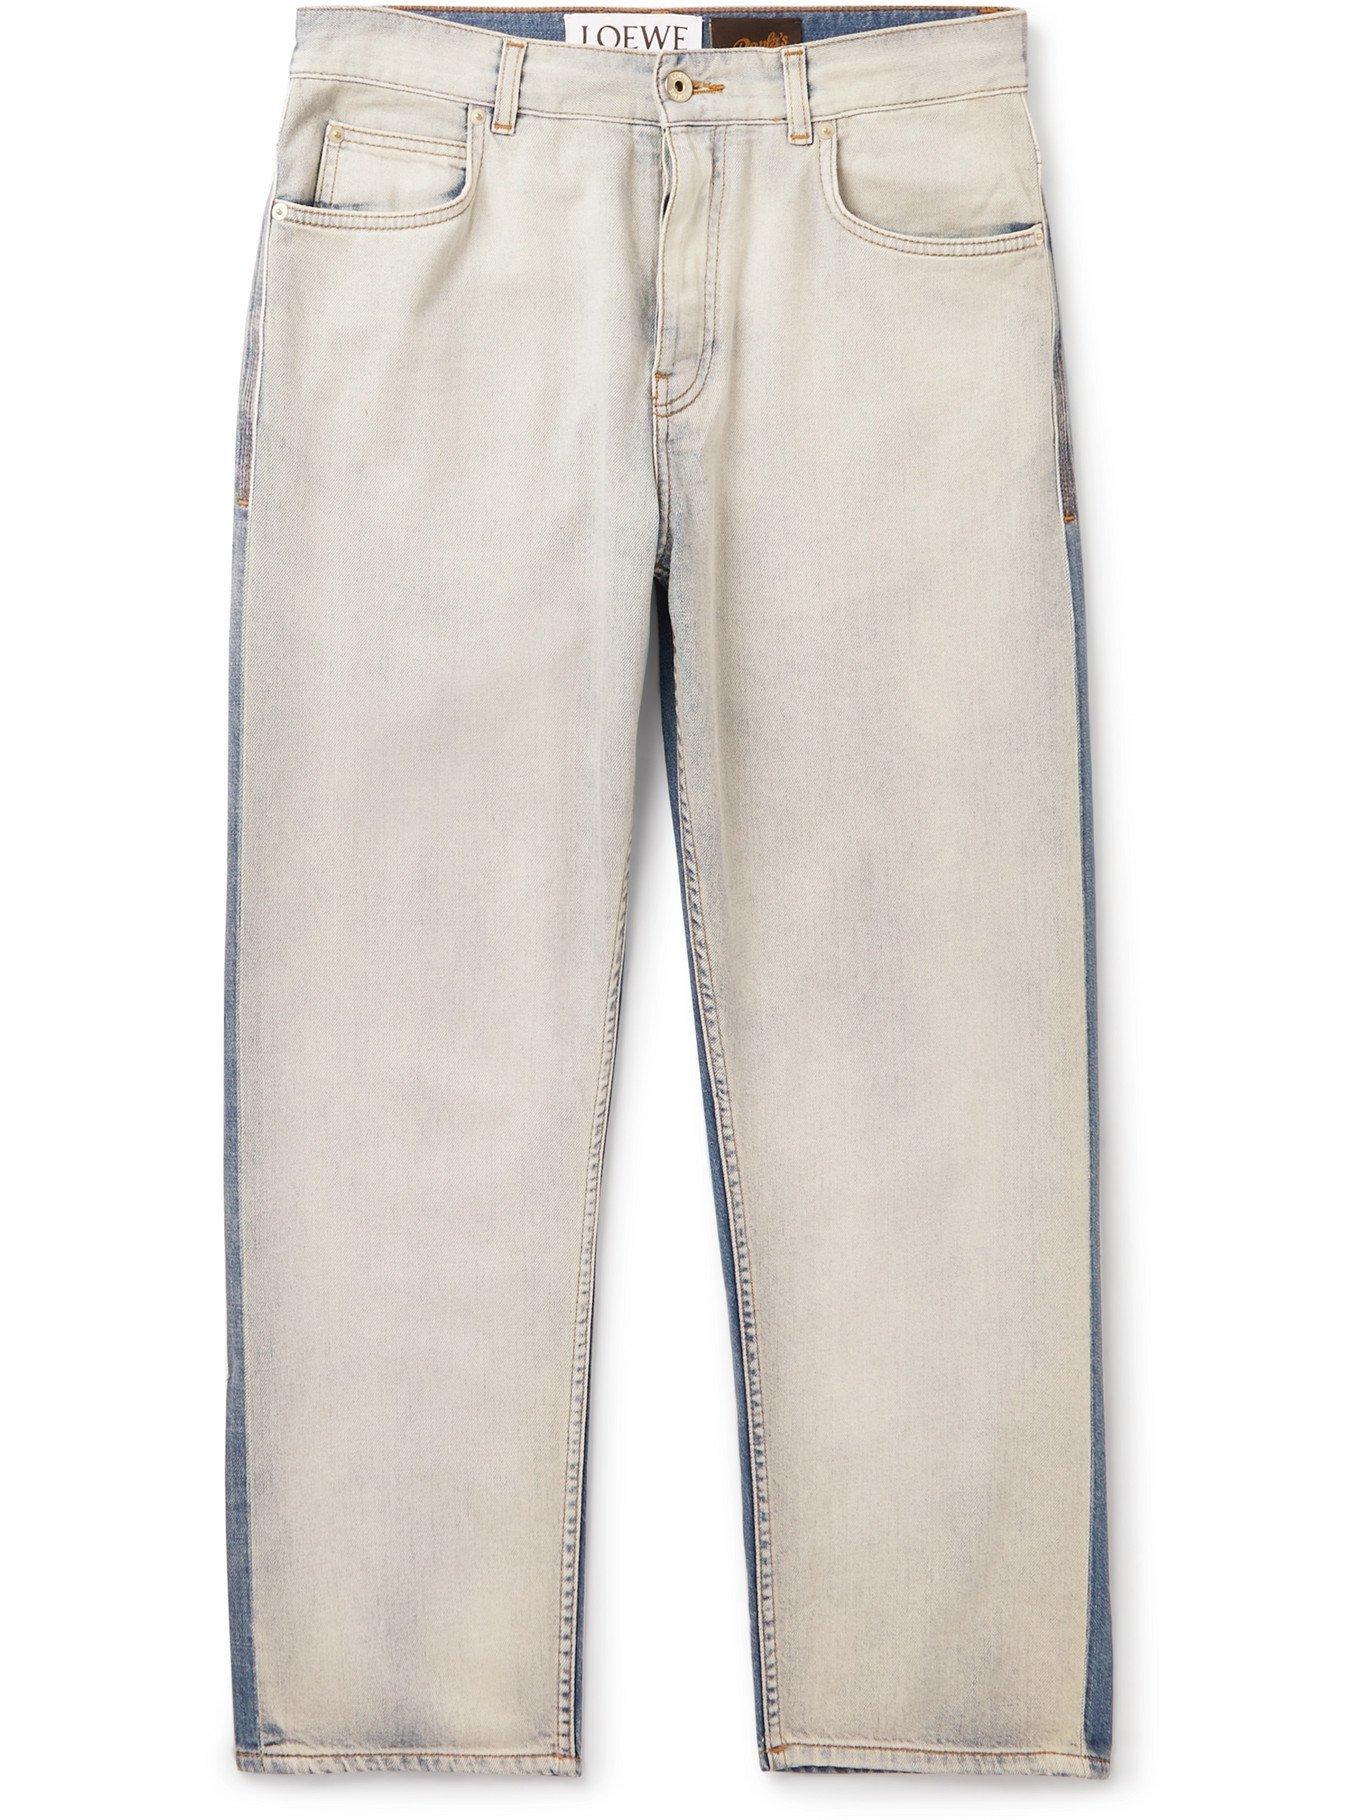 Photo: LOEWE - Paula's Ibiza Two-Tone Denim Jeans - Blue